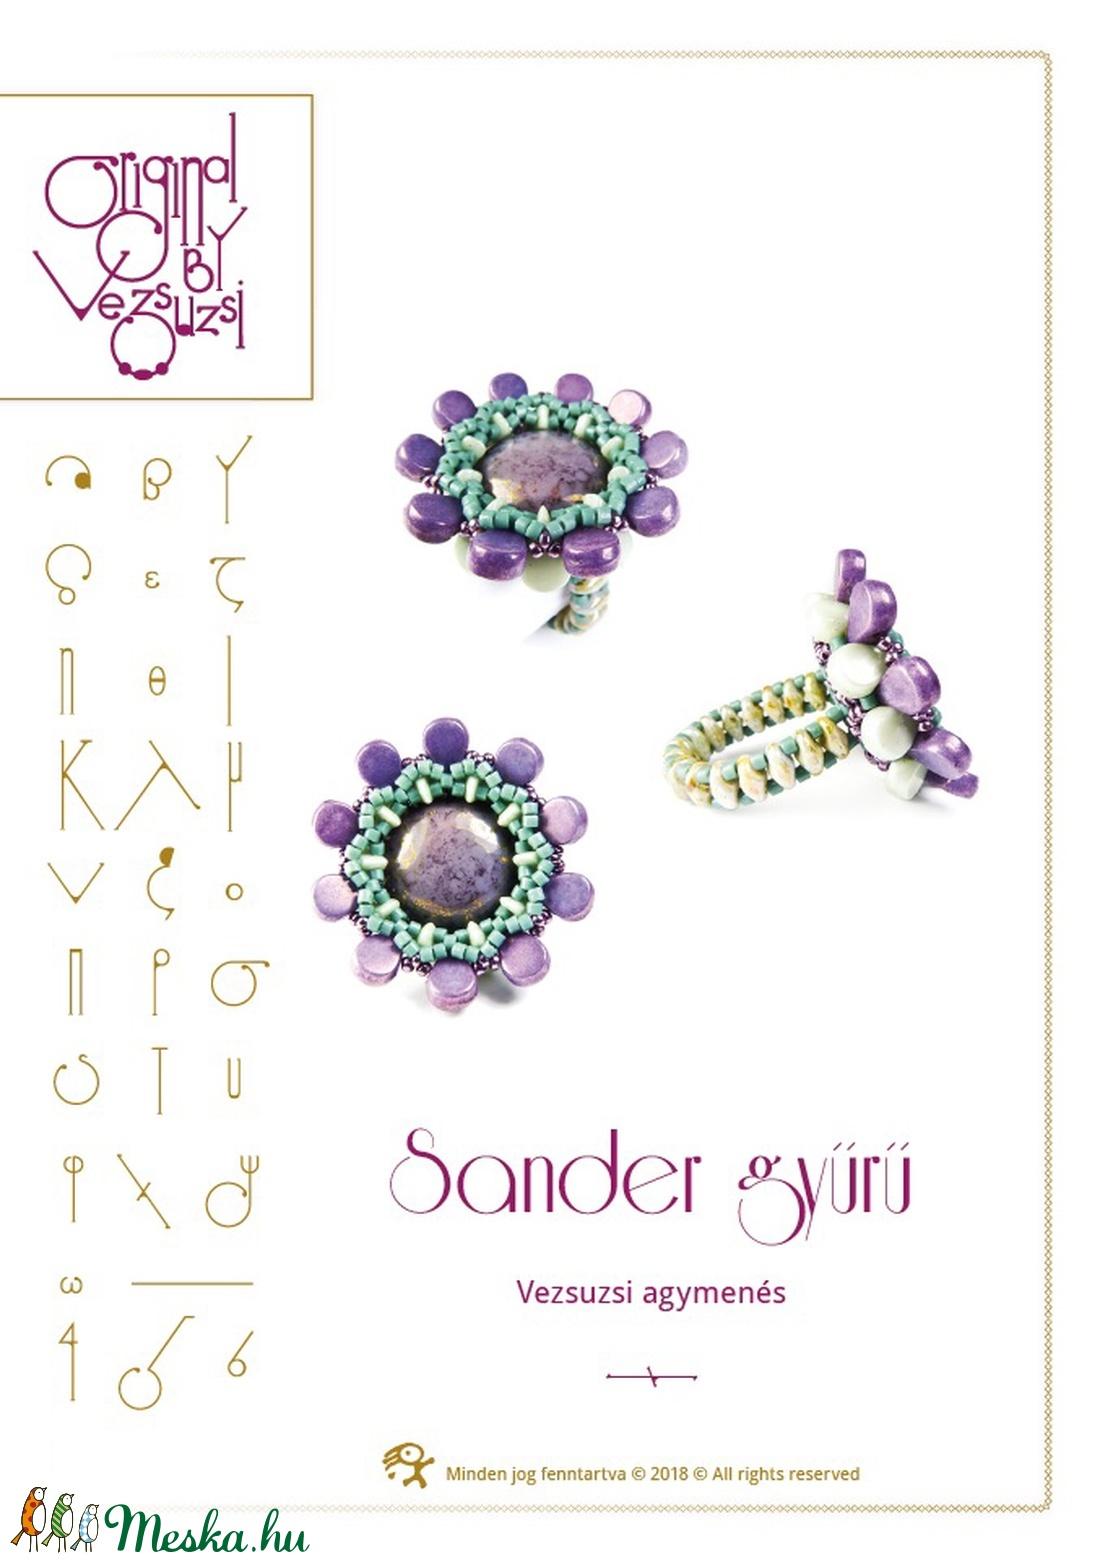 Sander gyűrű... minta egyéni felhasználásra (vezsuzsiminta) - Meska.hu